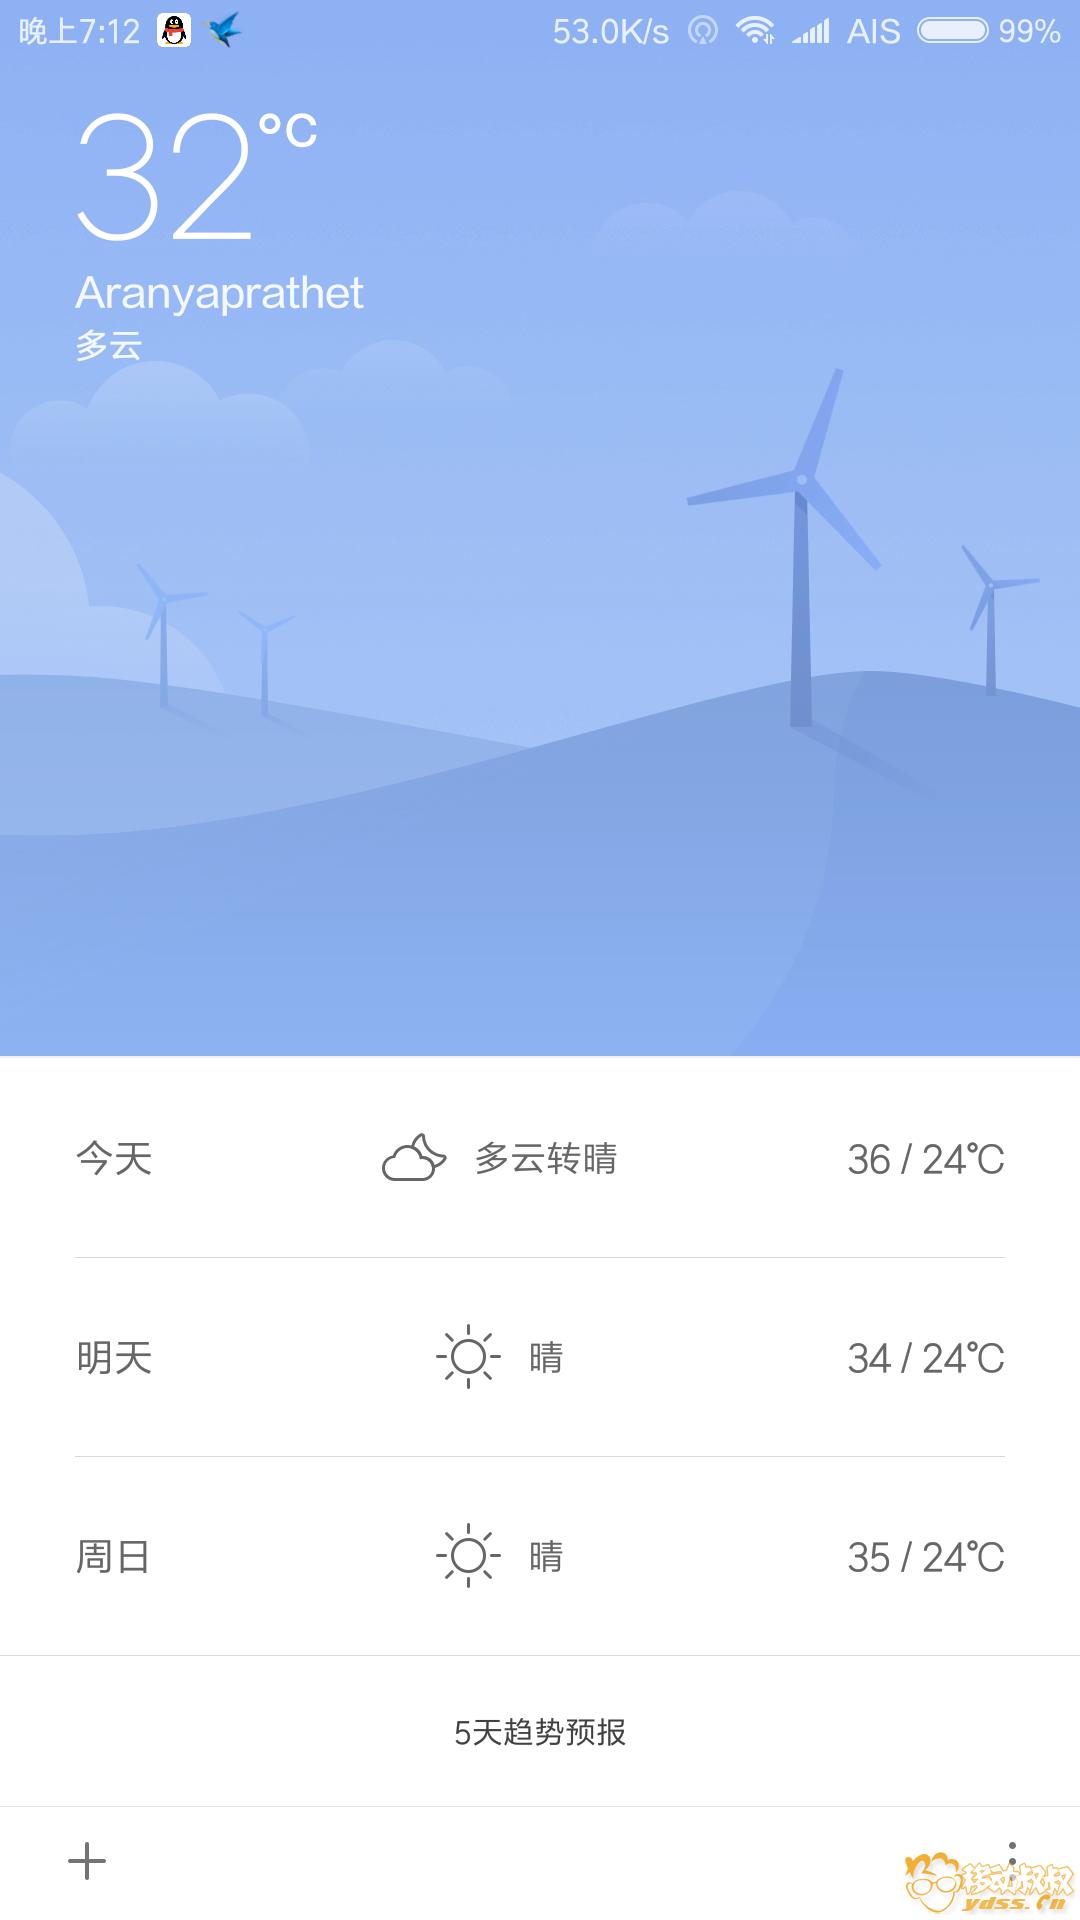 Screenshot_2018-03-02-19-12-27-488_com.miui.weather2.png